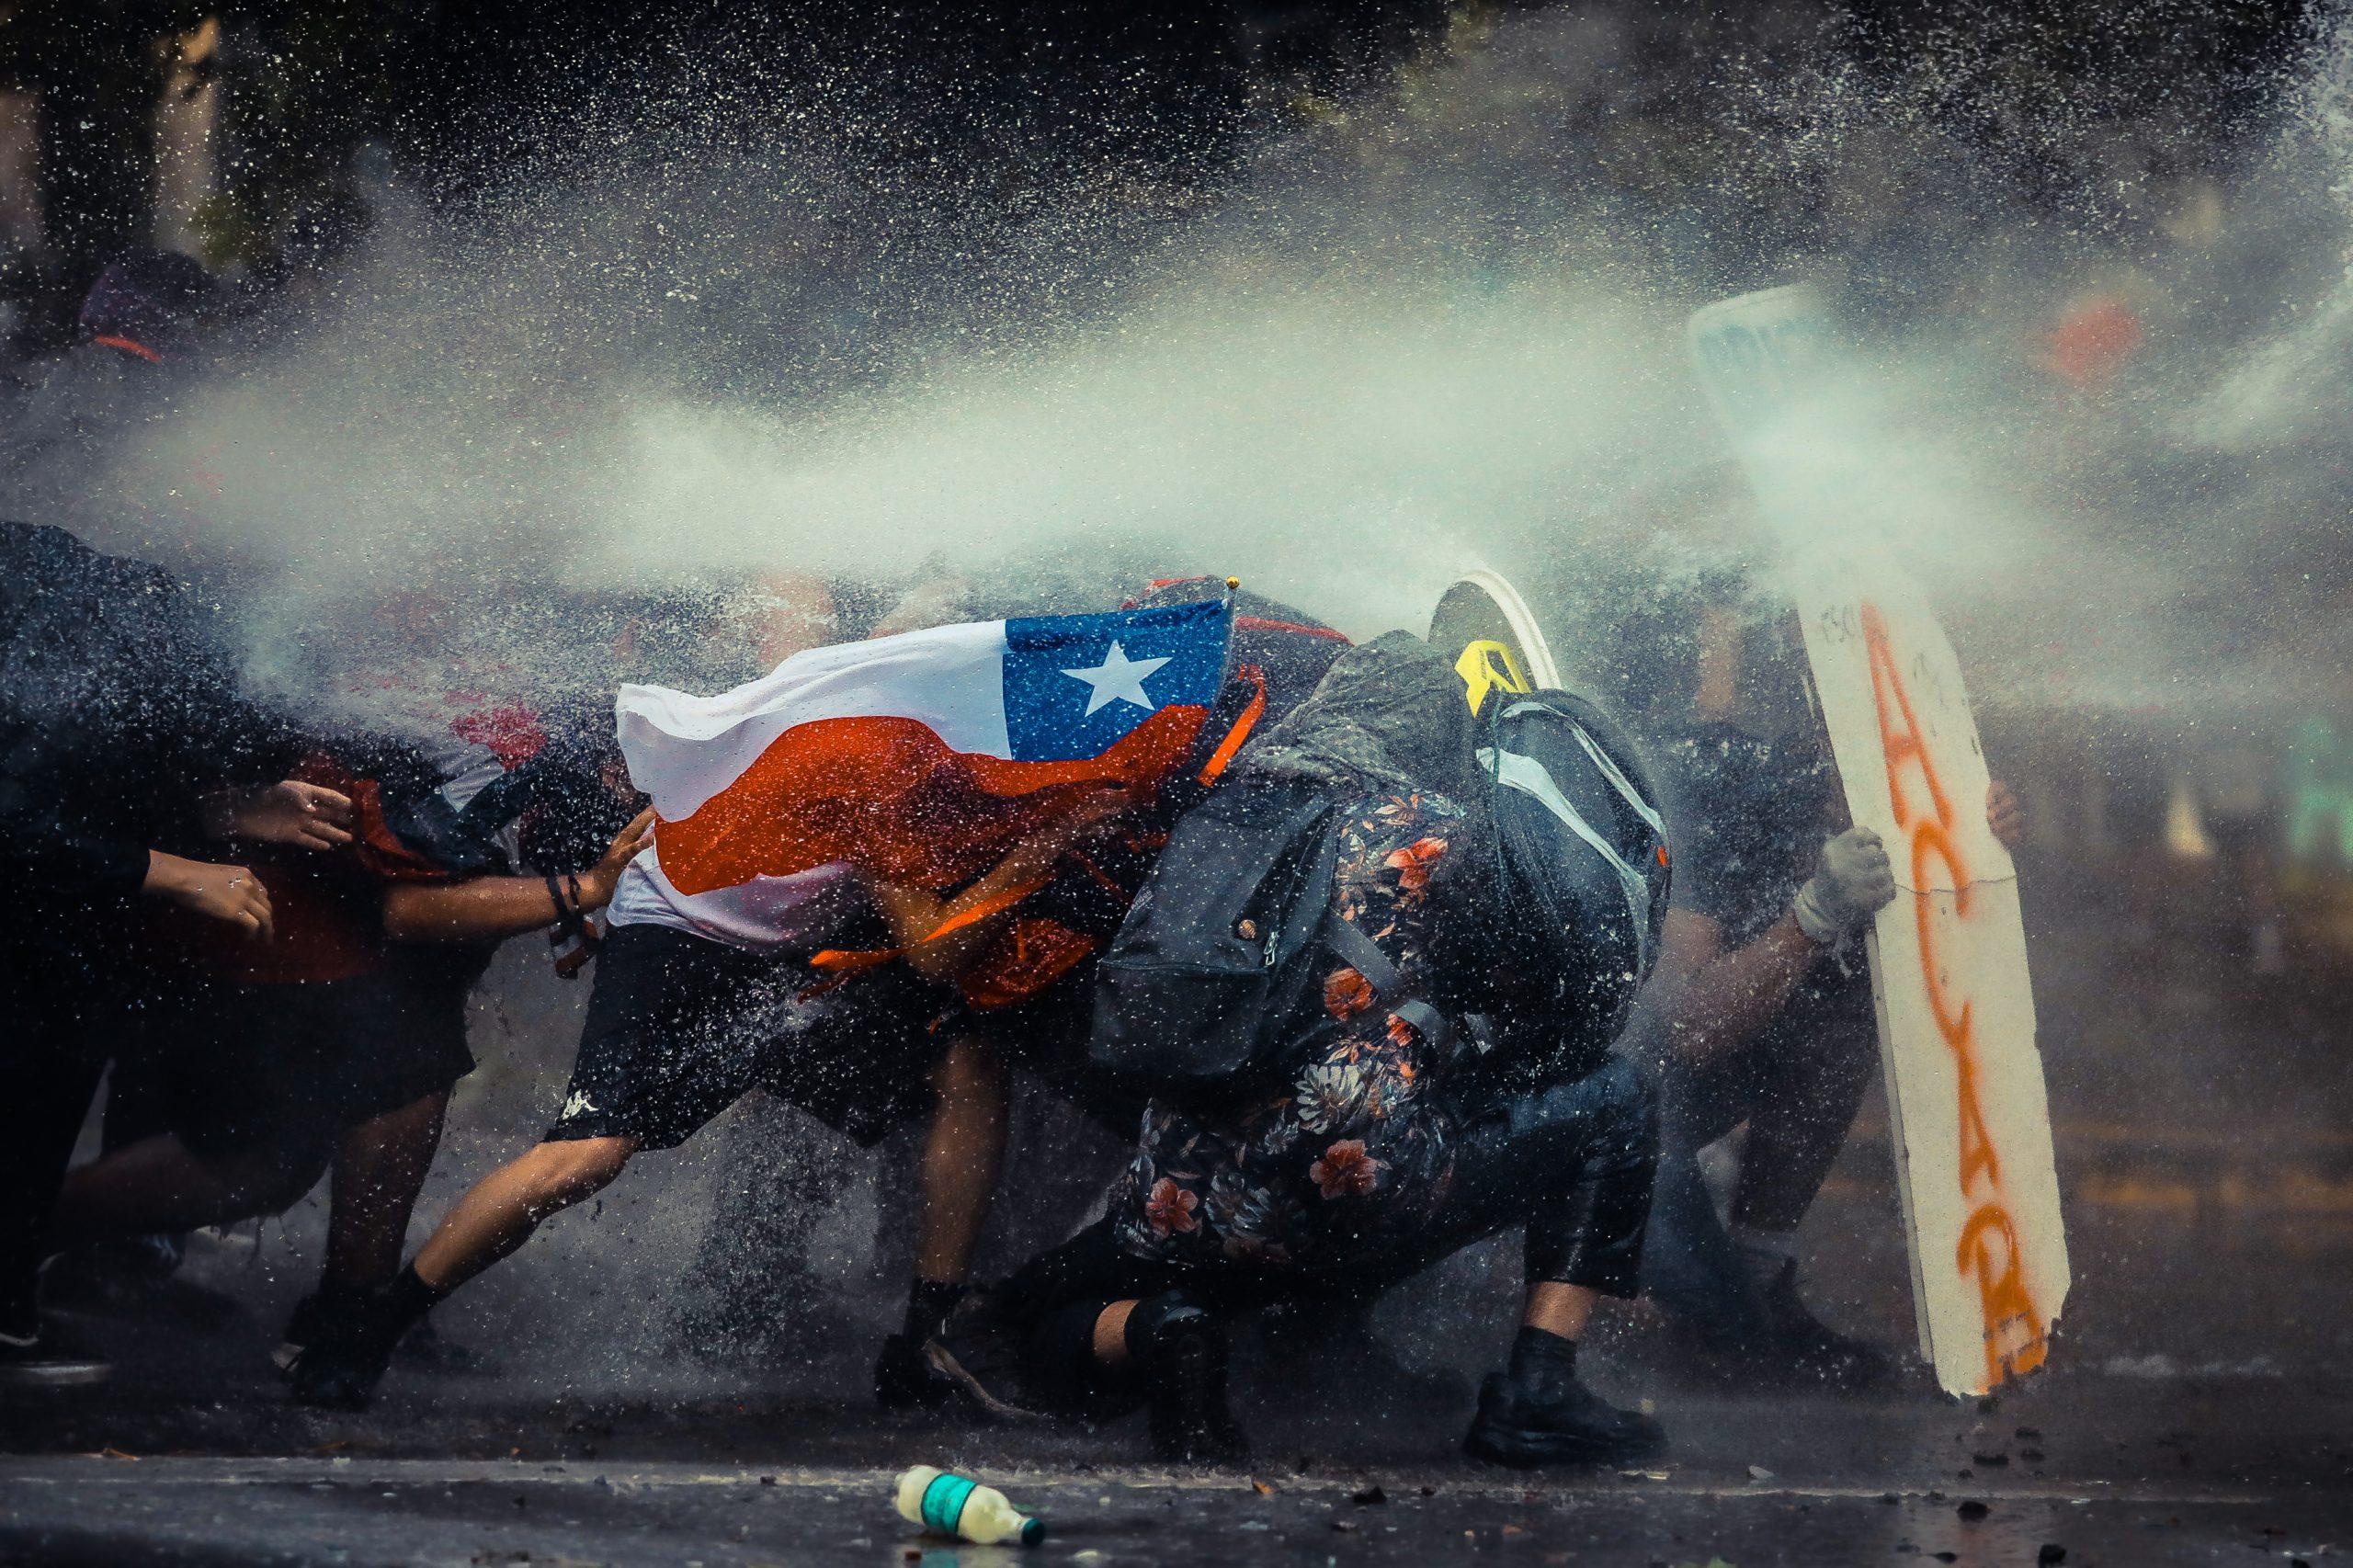 Photographie documentaire couleur par Javier Vergara de manifestants chiliens à Santiago, Chili, le 11 novembre 2020